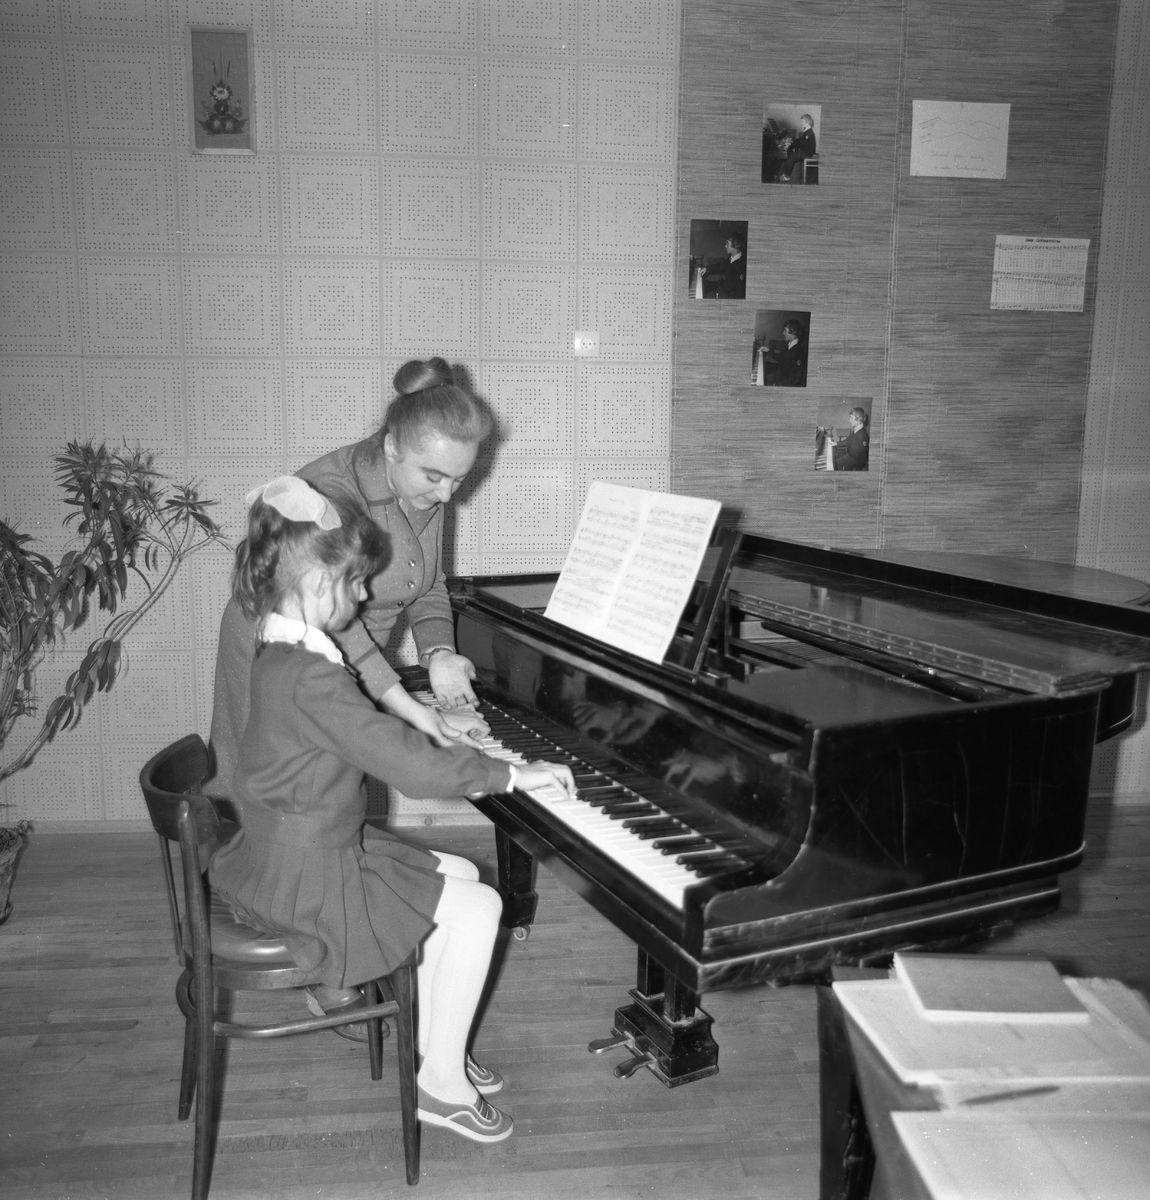 Zajęcia w szkole muzycznej [6]